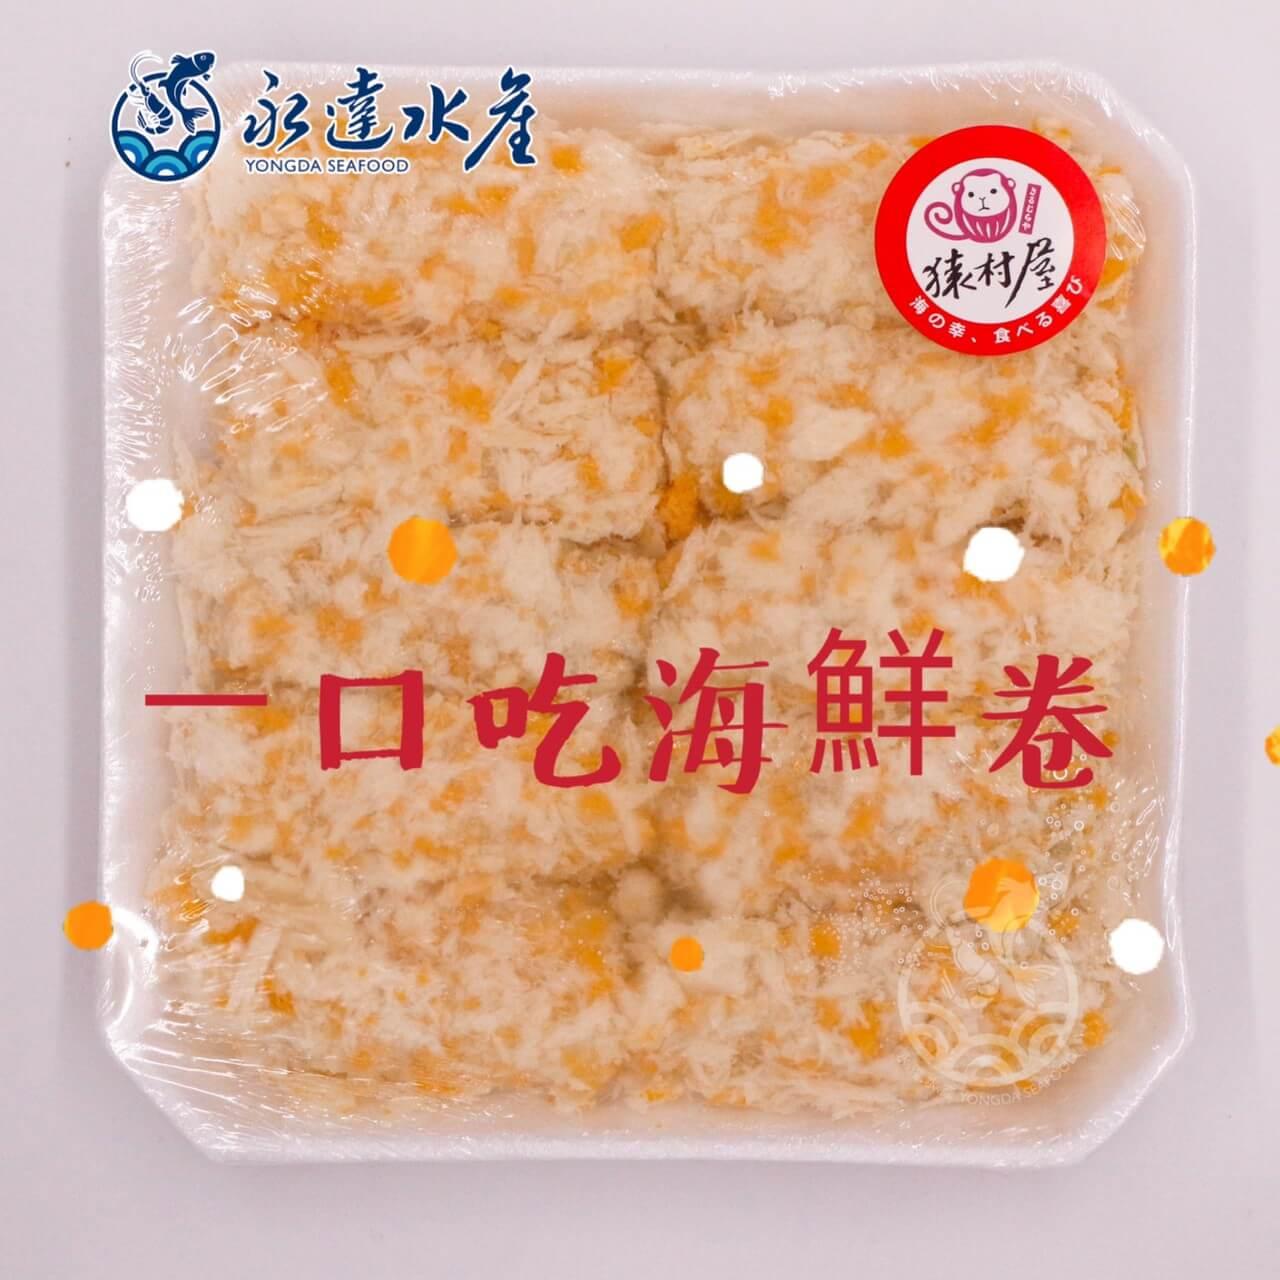 水產 海鮮 一口吃海鮮卷 海鮮卷 黃金海鮮卷 脆皮海鮮卷 白蝦 花枝 鯛魚 魚漿